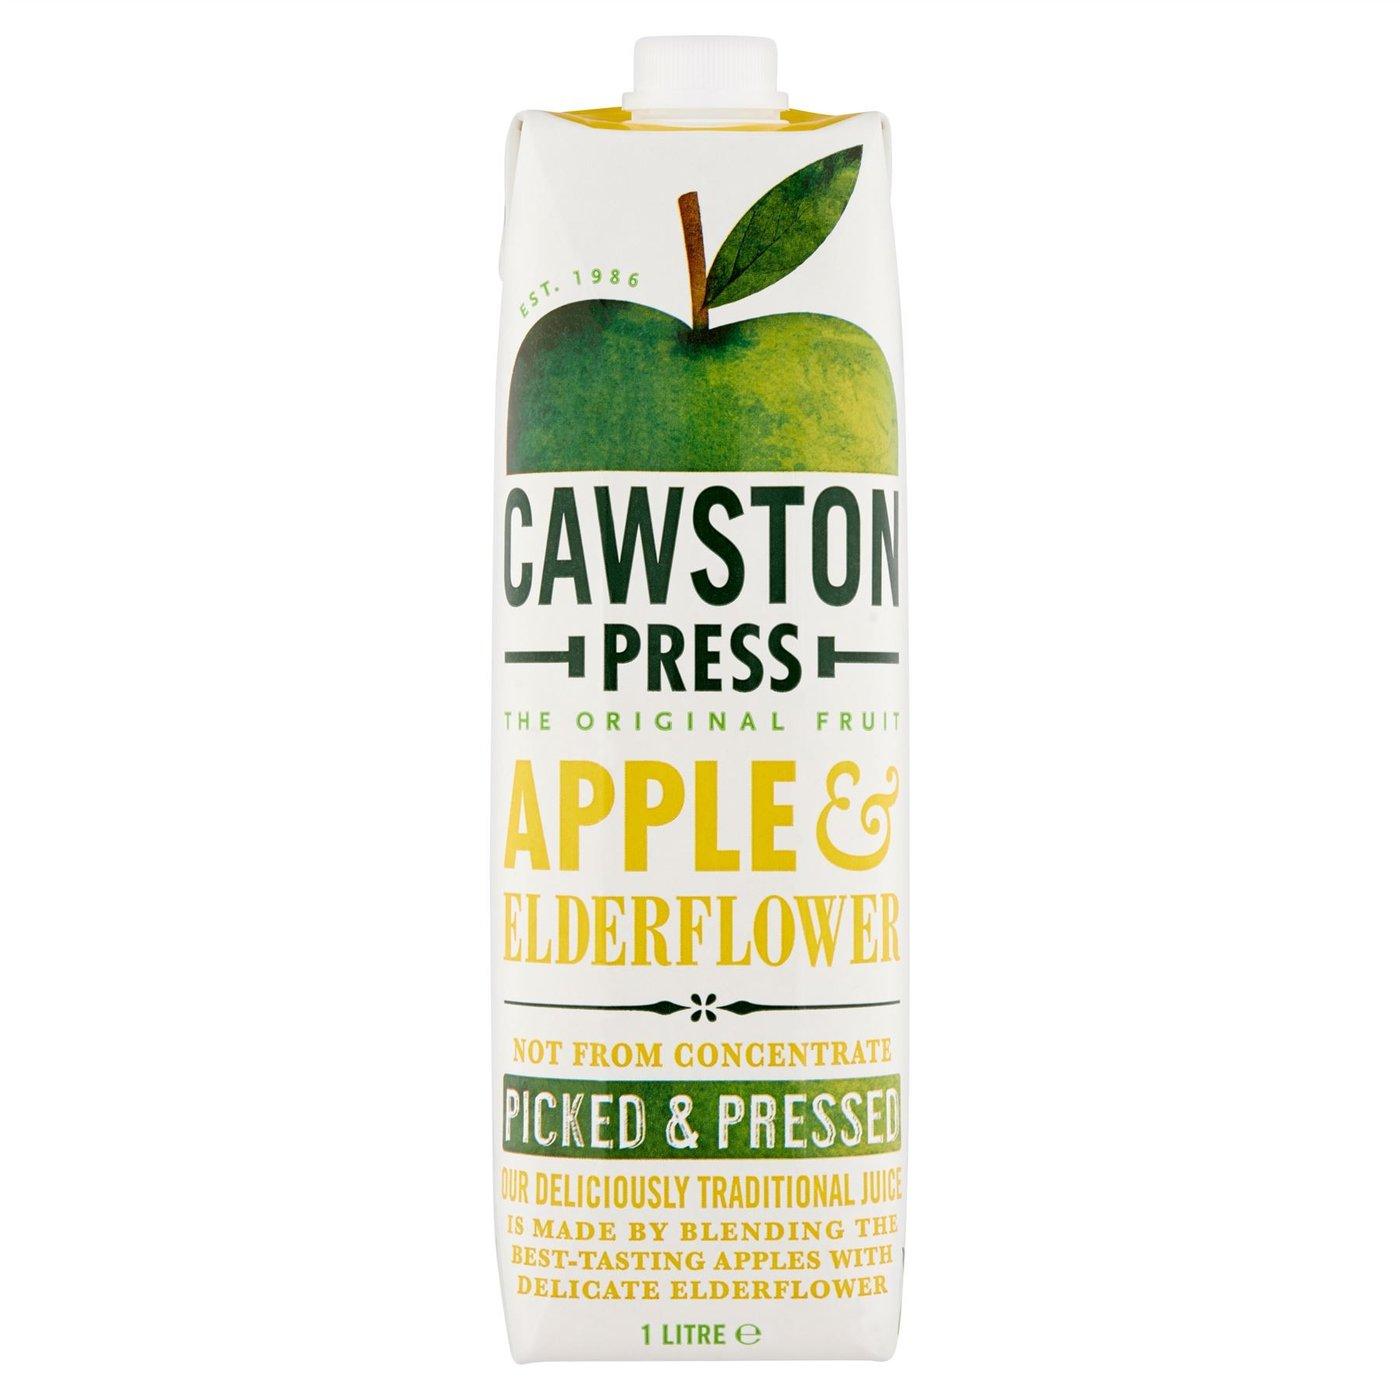 Cawston Press Apple & Elderflower Juice 1litre